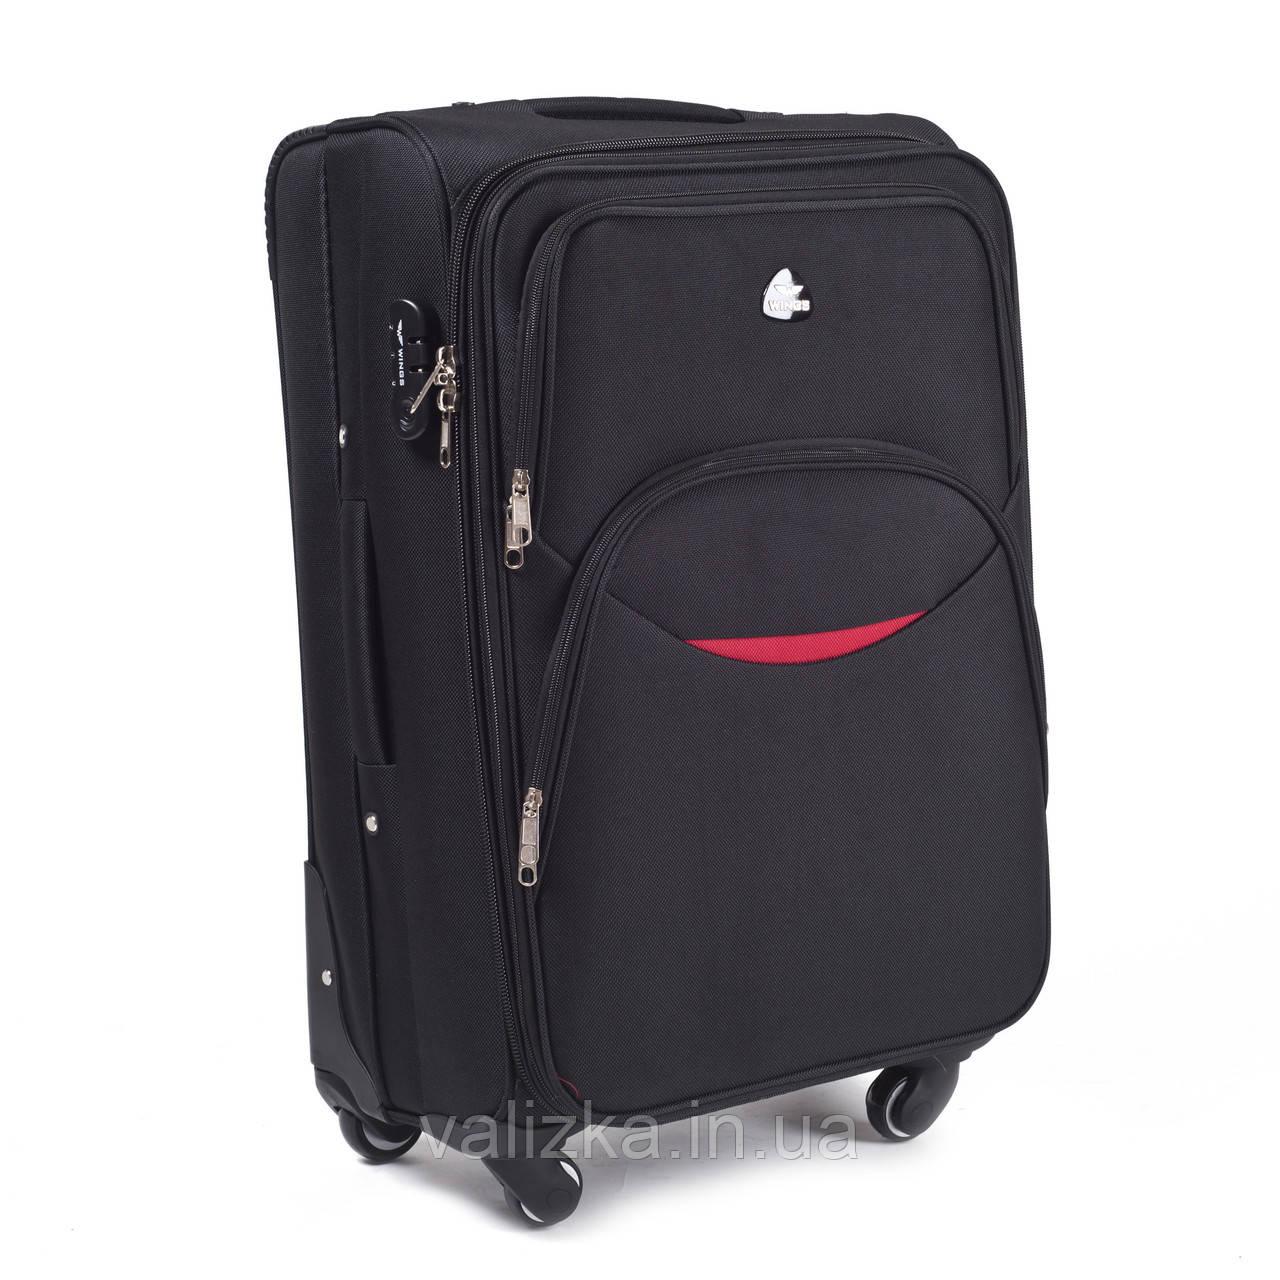 Тканевый чемодан маленький для ручной клади на 4-х колесах Wings 1708 черного цвета